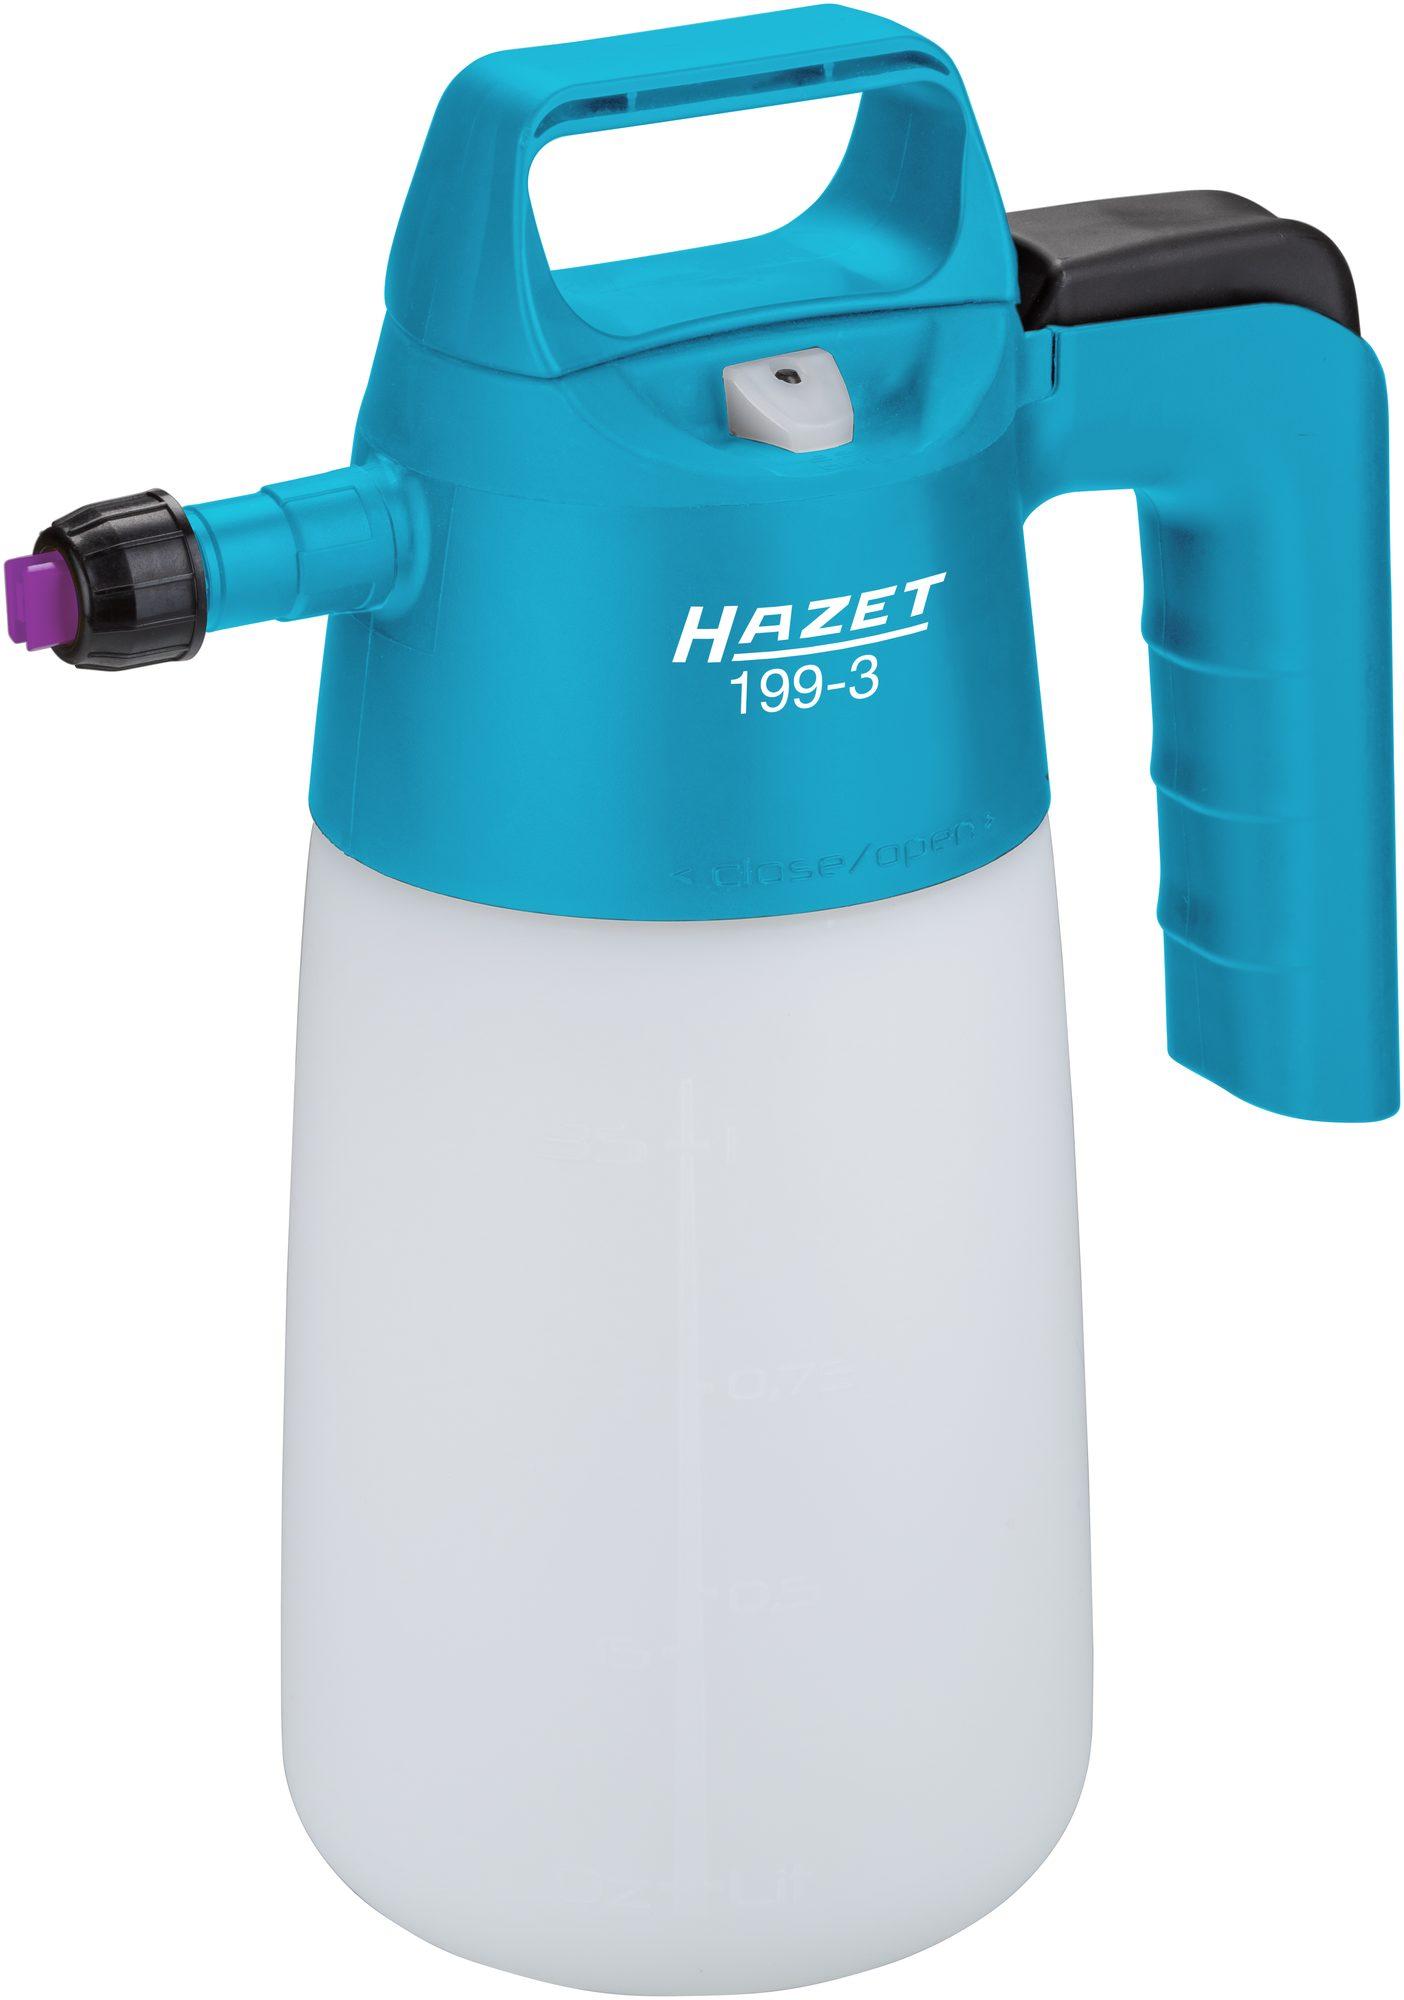 Neues HAZET Vordruck-Spritzgerät, Schaum